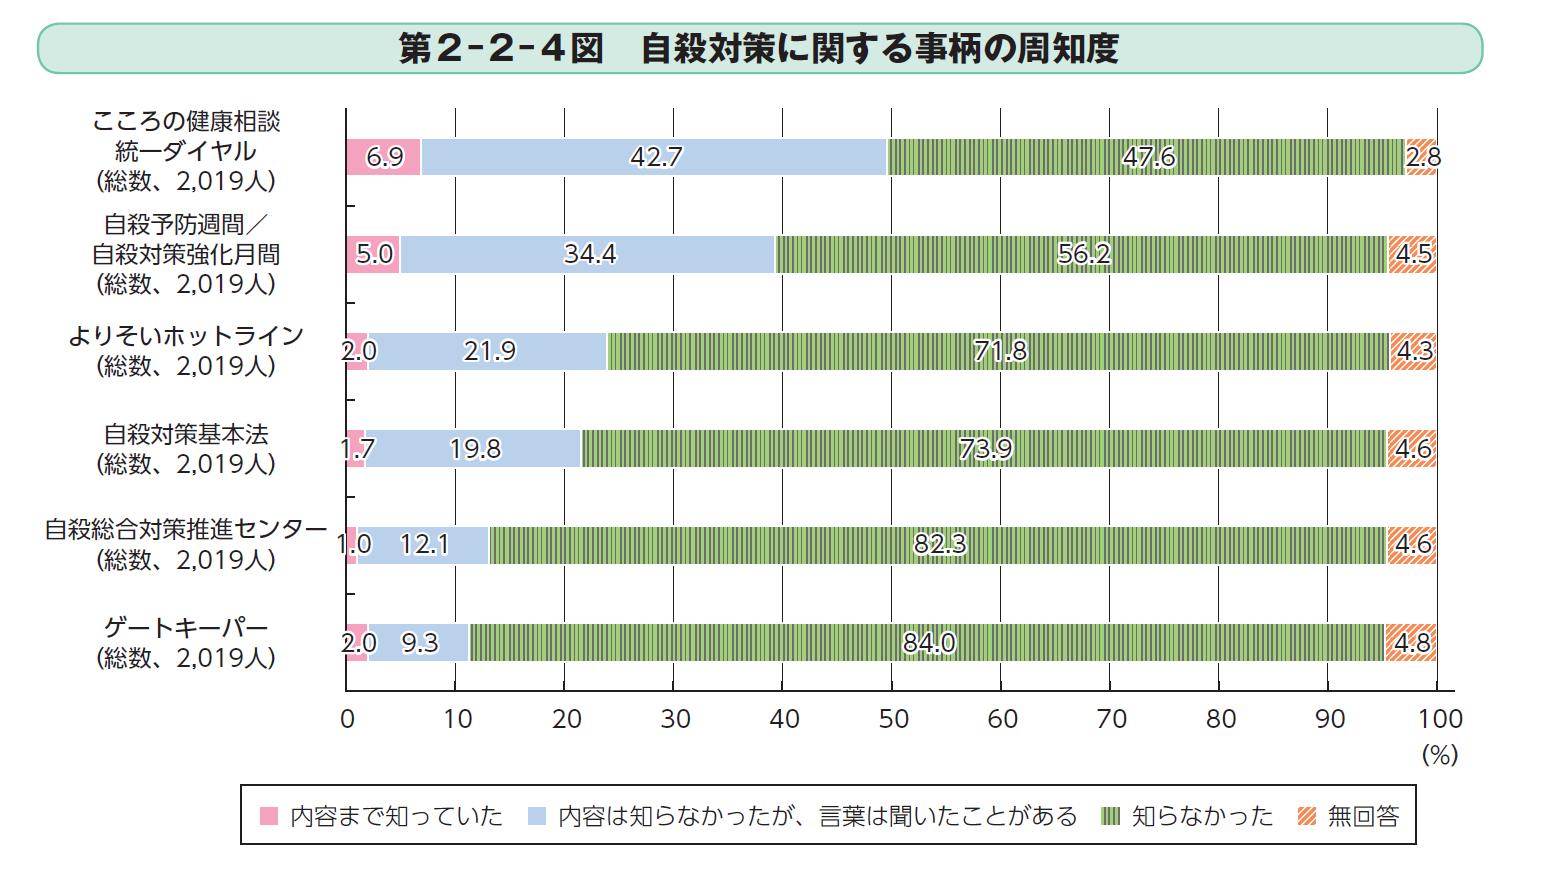 平成28年における職業別自殺者数の構成割合